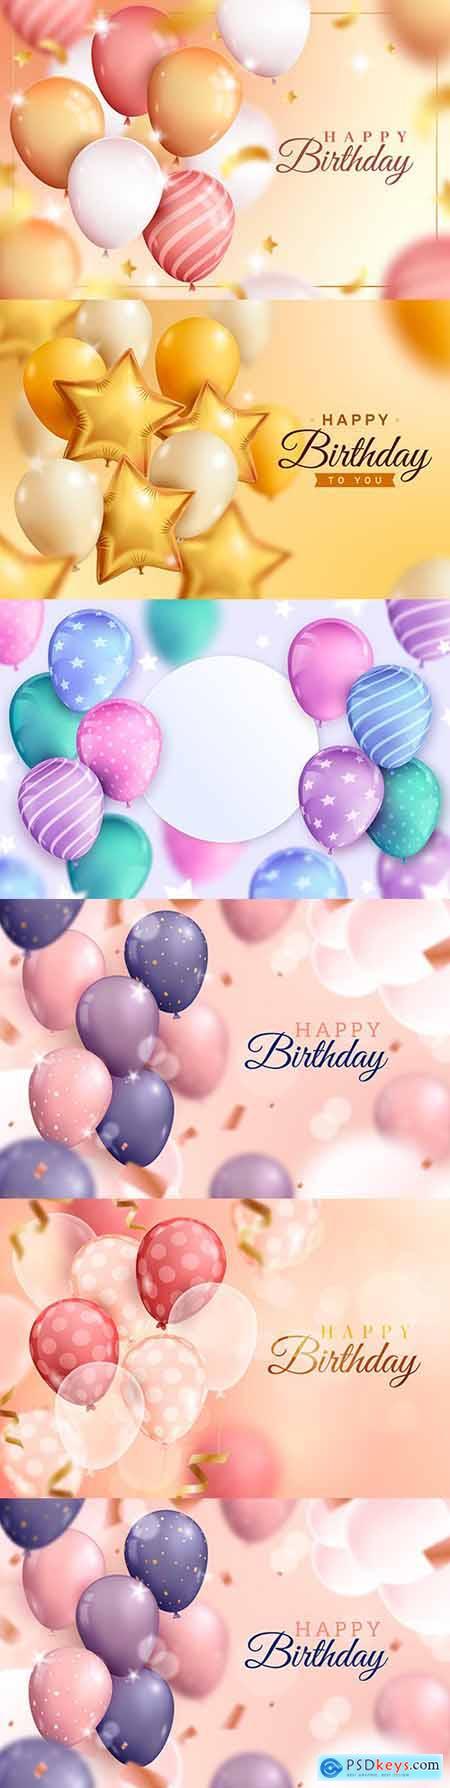 Happy birthday holiday invitation realistic balloons 15